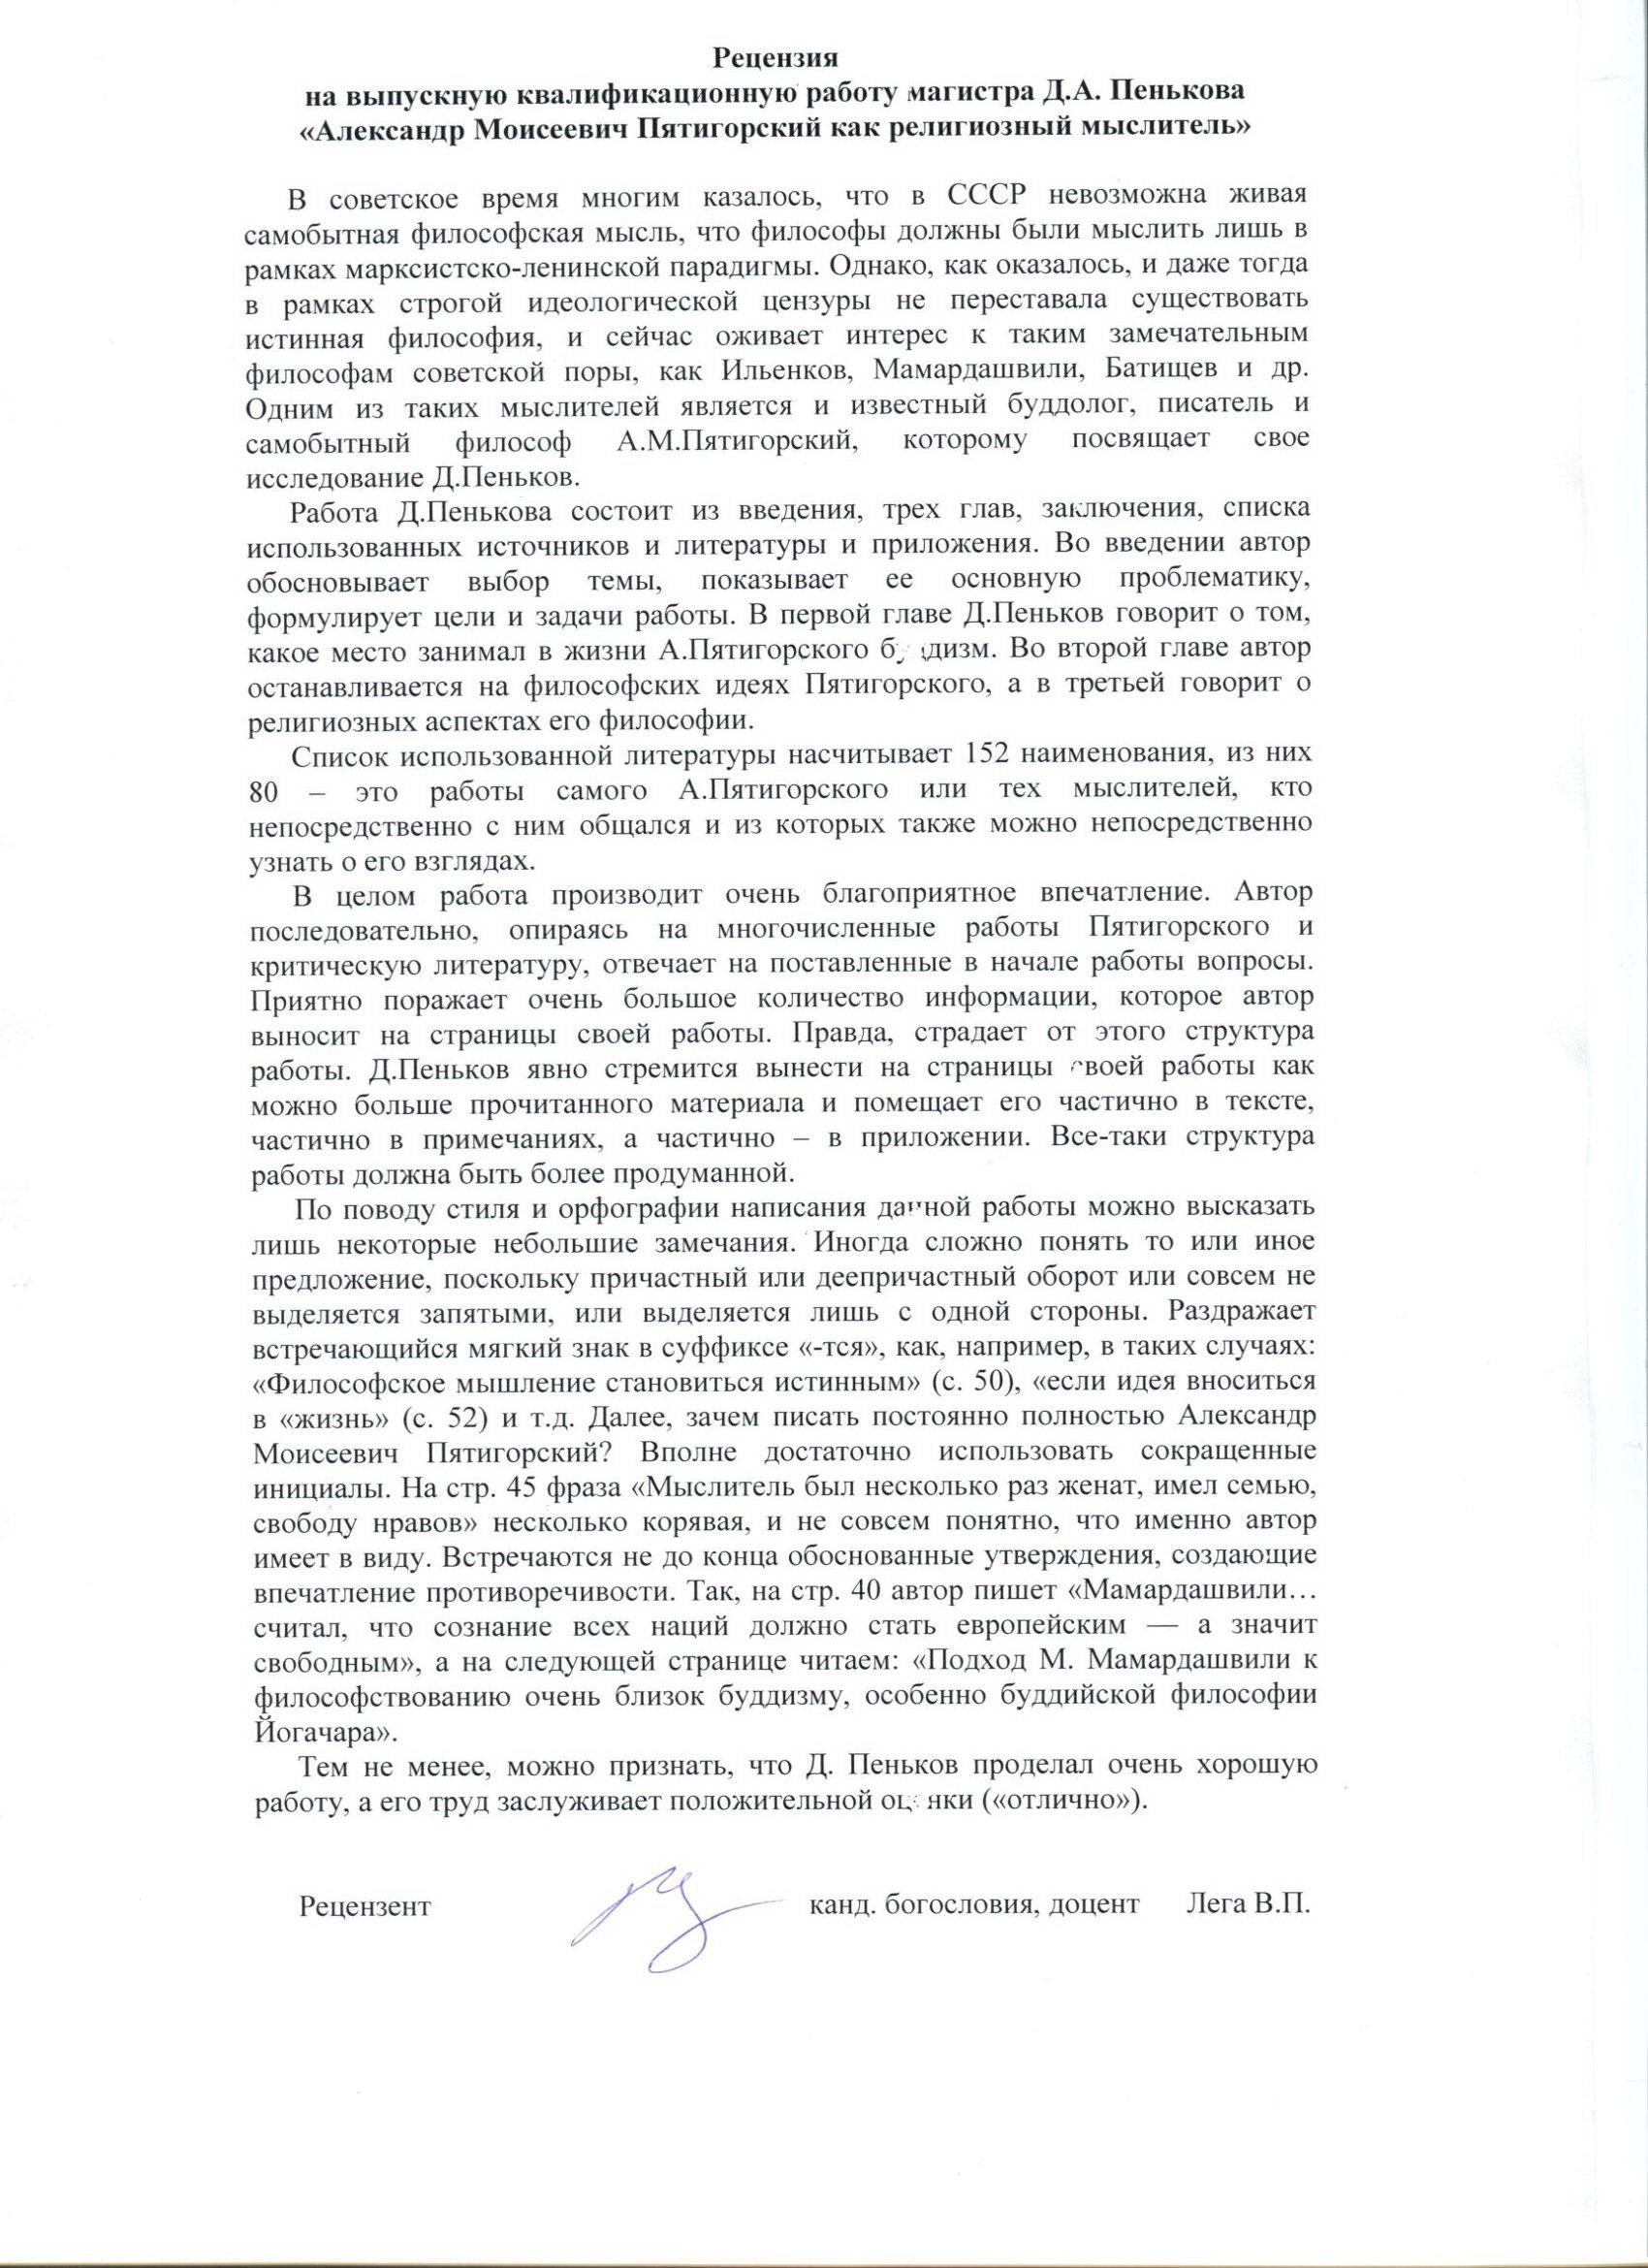 ПСТГУ › Факультеты и отделения › Богословский факультет  Читать статью